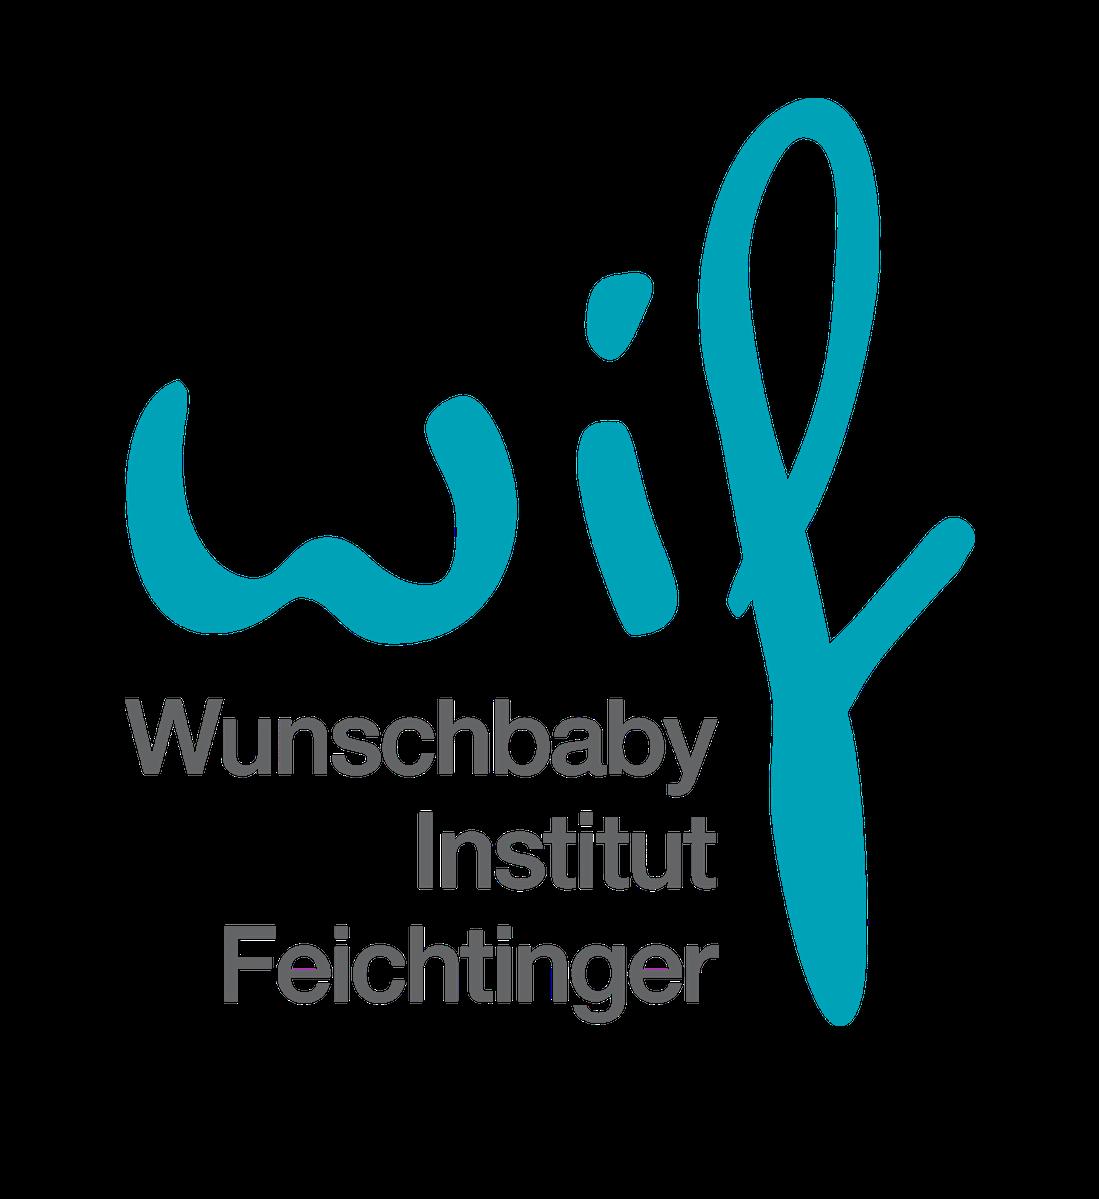 Wunschbaby Institut Feichtinger